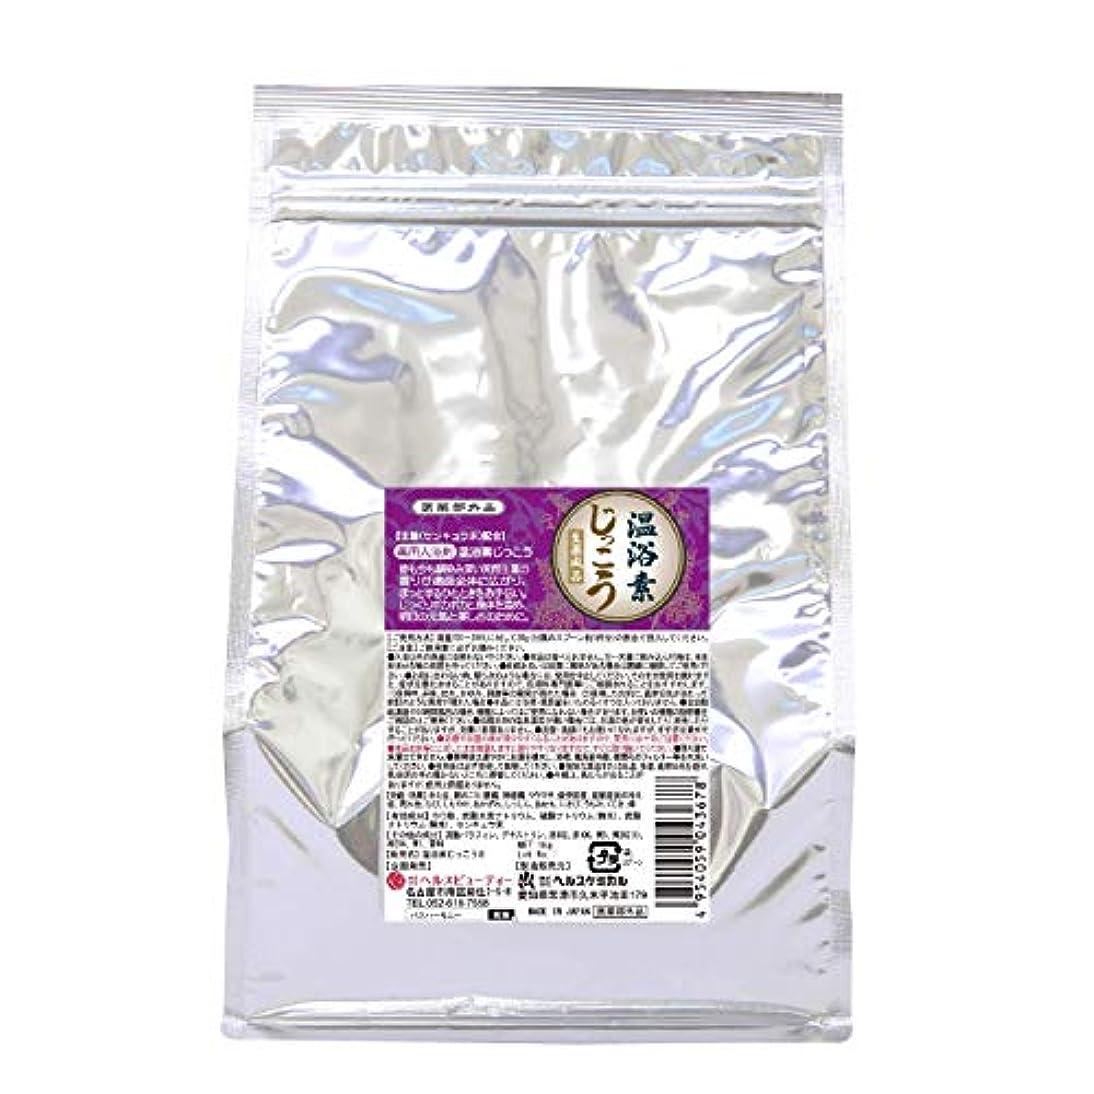 ランプ意図するガチョウ入浴剤 湯匠仕込 温浴素じっこう 生薬 薬湯 1kg 50回分 お徳用 医薬部外品